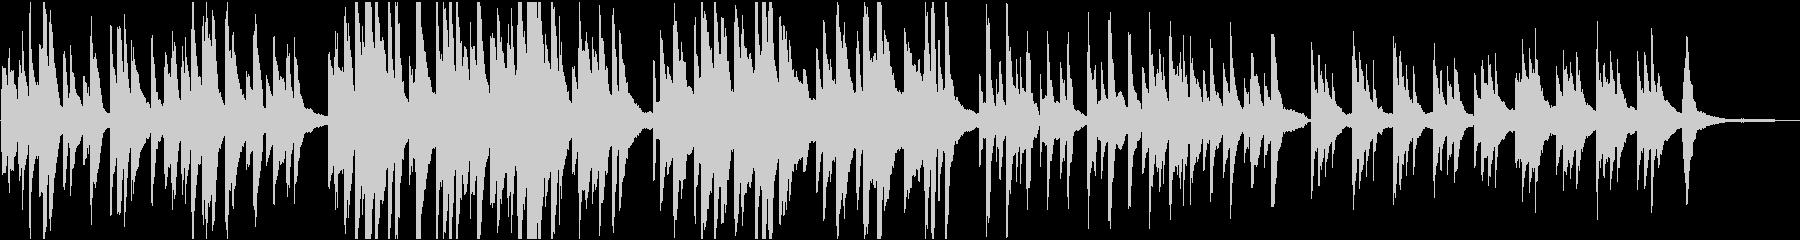 告知 穏やか 16bit48kHzVerの未再生の波形